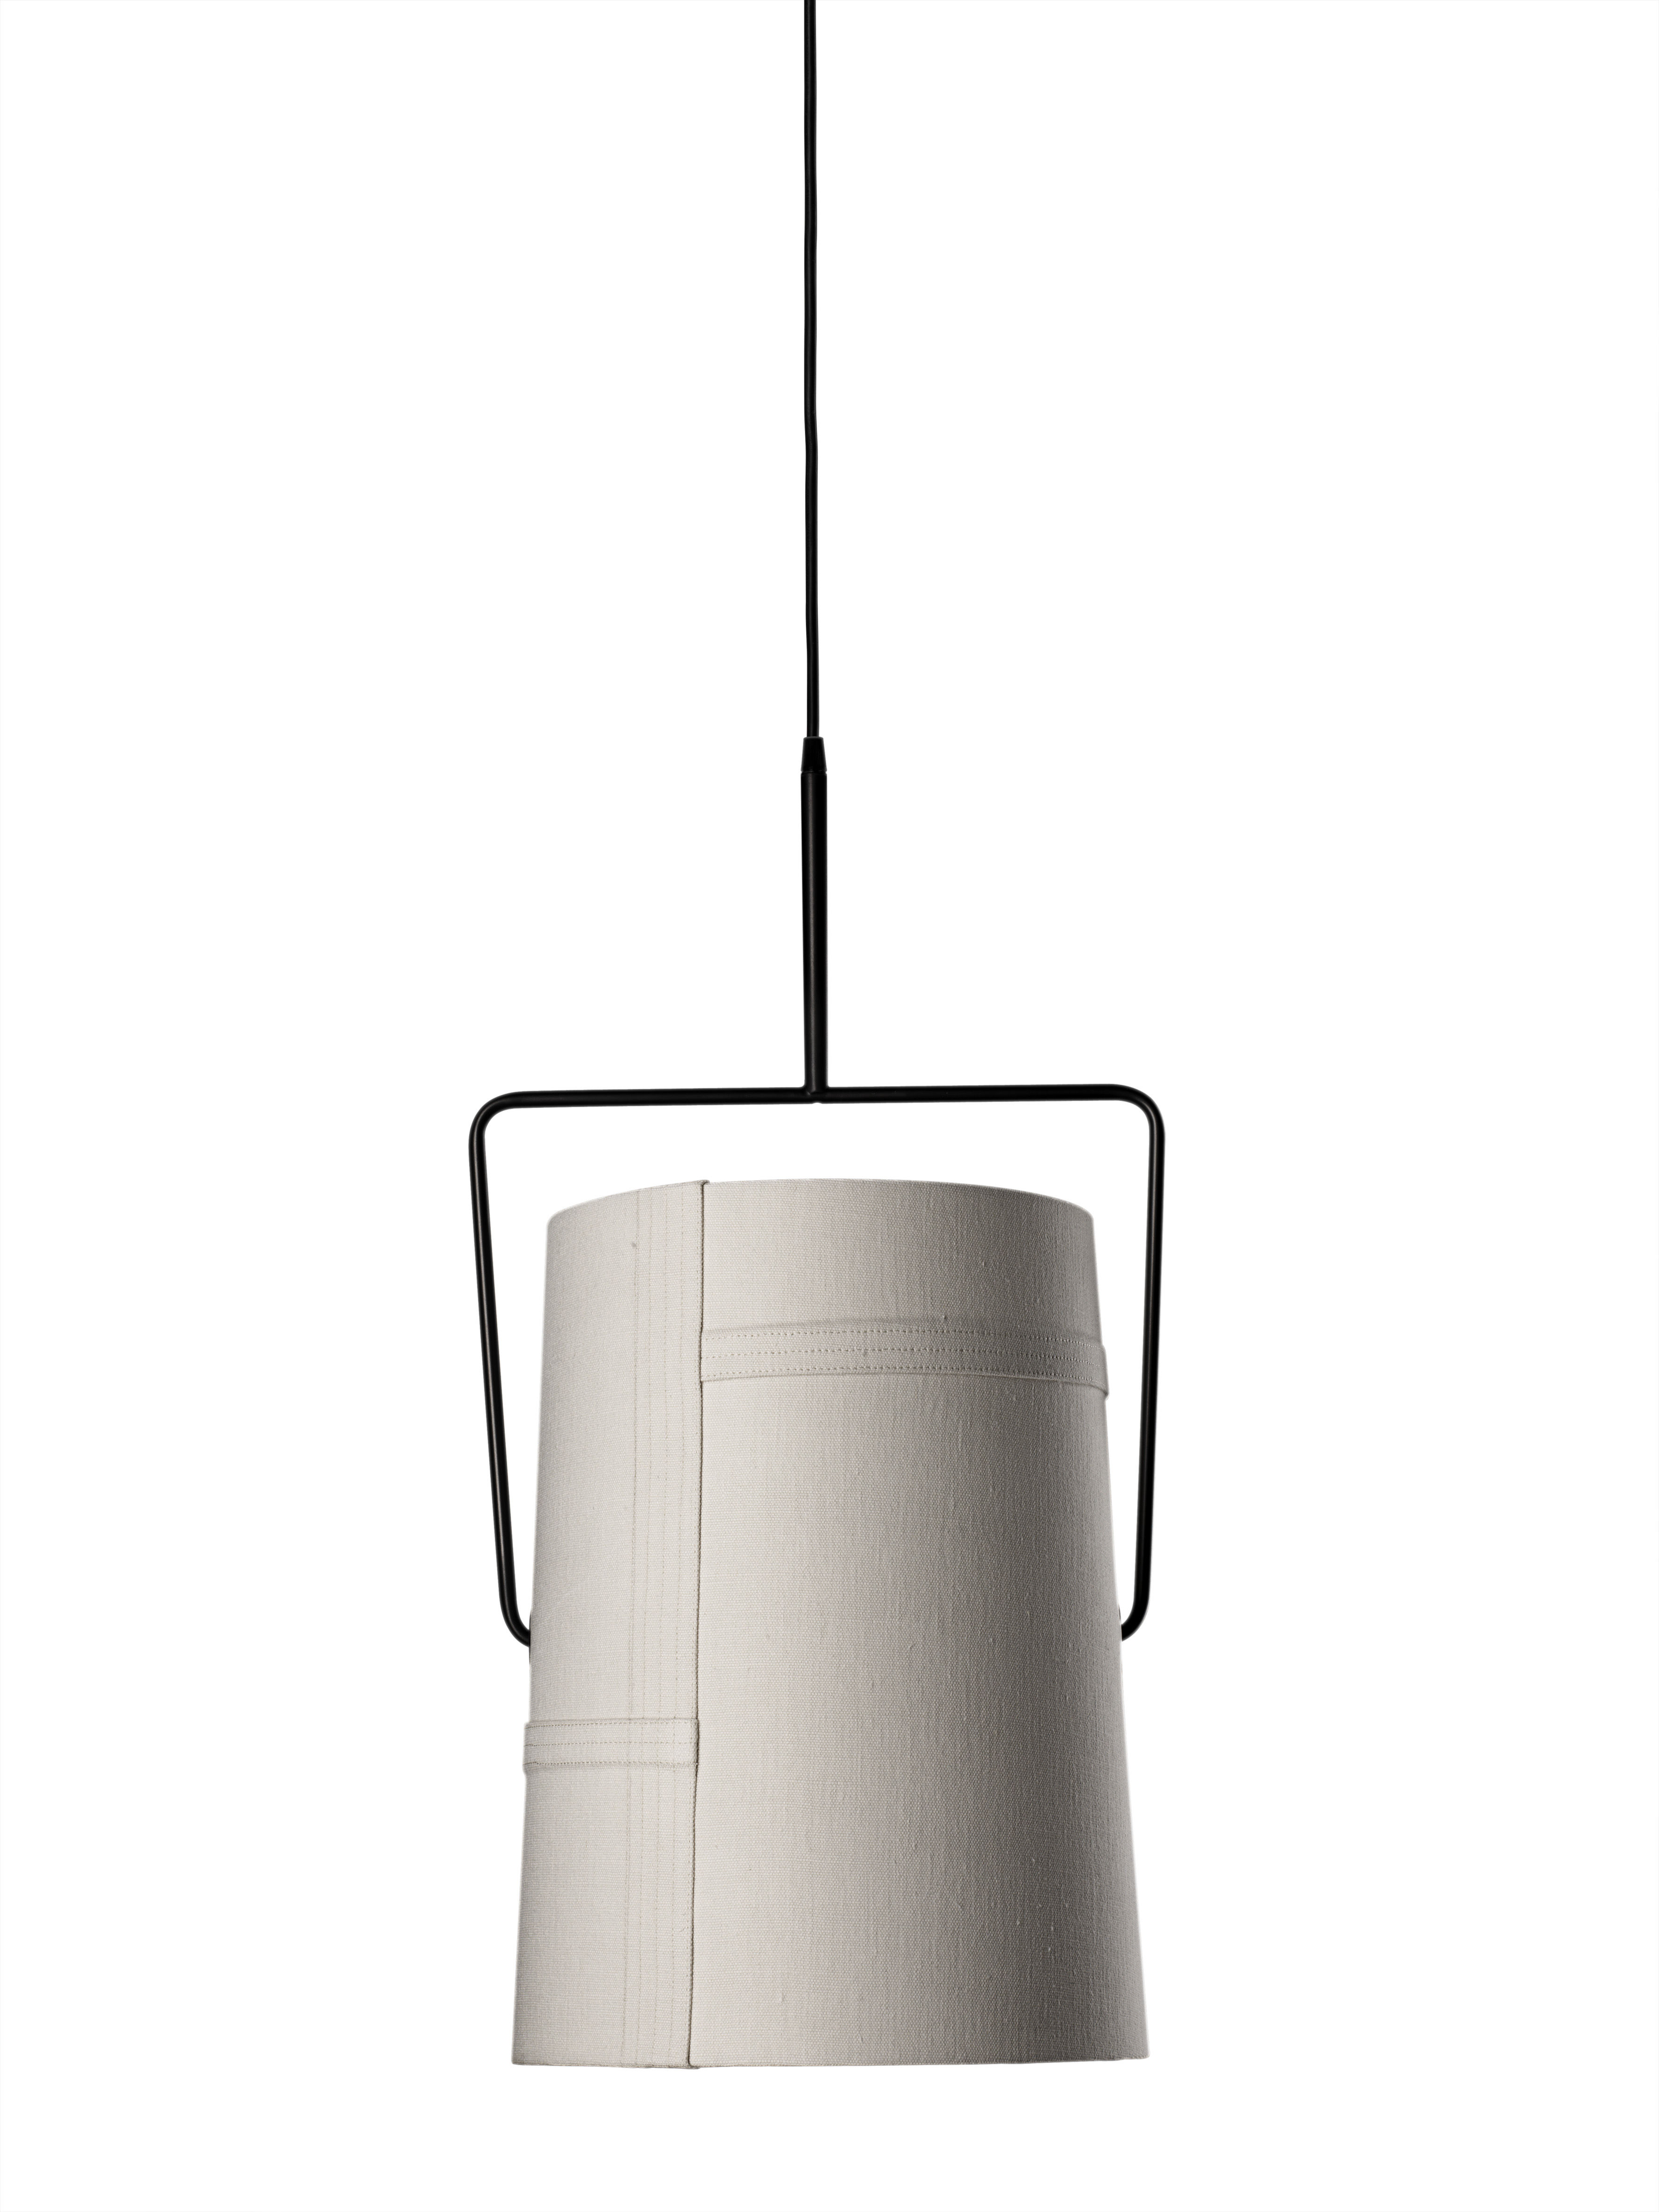 Illuminazione - Lampadari - Sospensione Fork grande di Diesel with Foscarini - Avorio - Ø 37 cm x H 70 cm - Metallo anodizzato, Tessuto